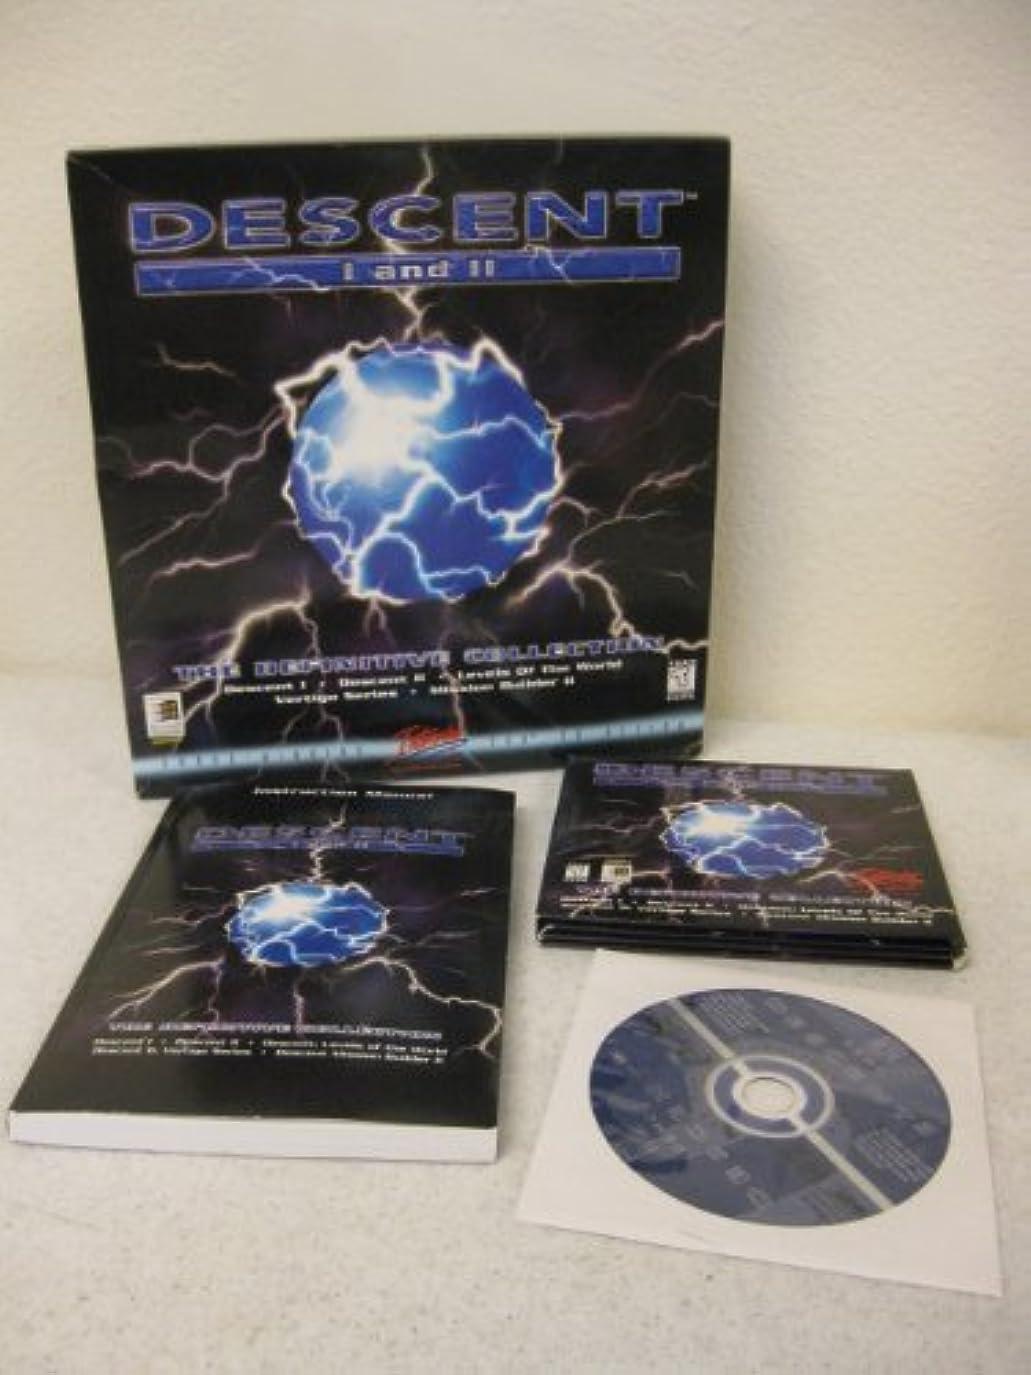 証言する二年生取り戻すDescent 1 & 2: The Definitive Collection (輸入版)